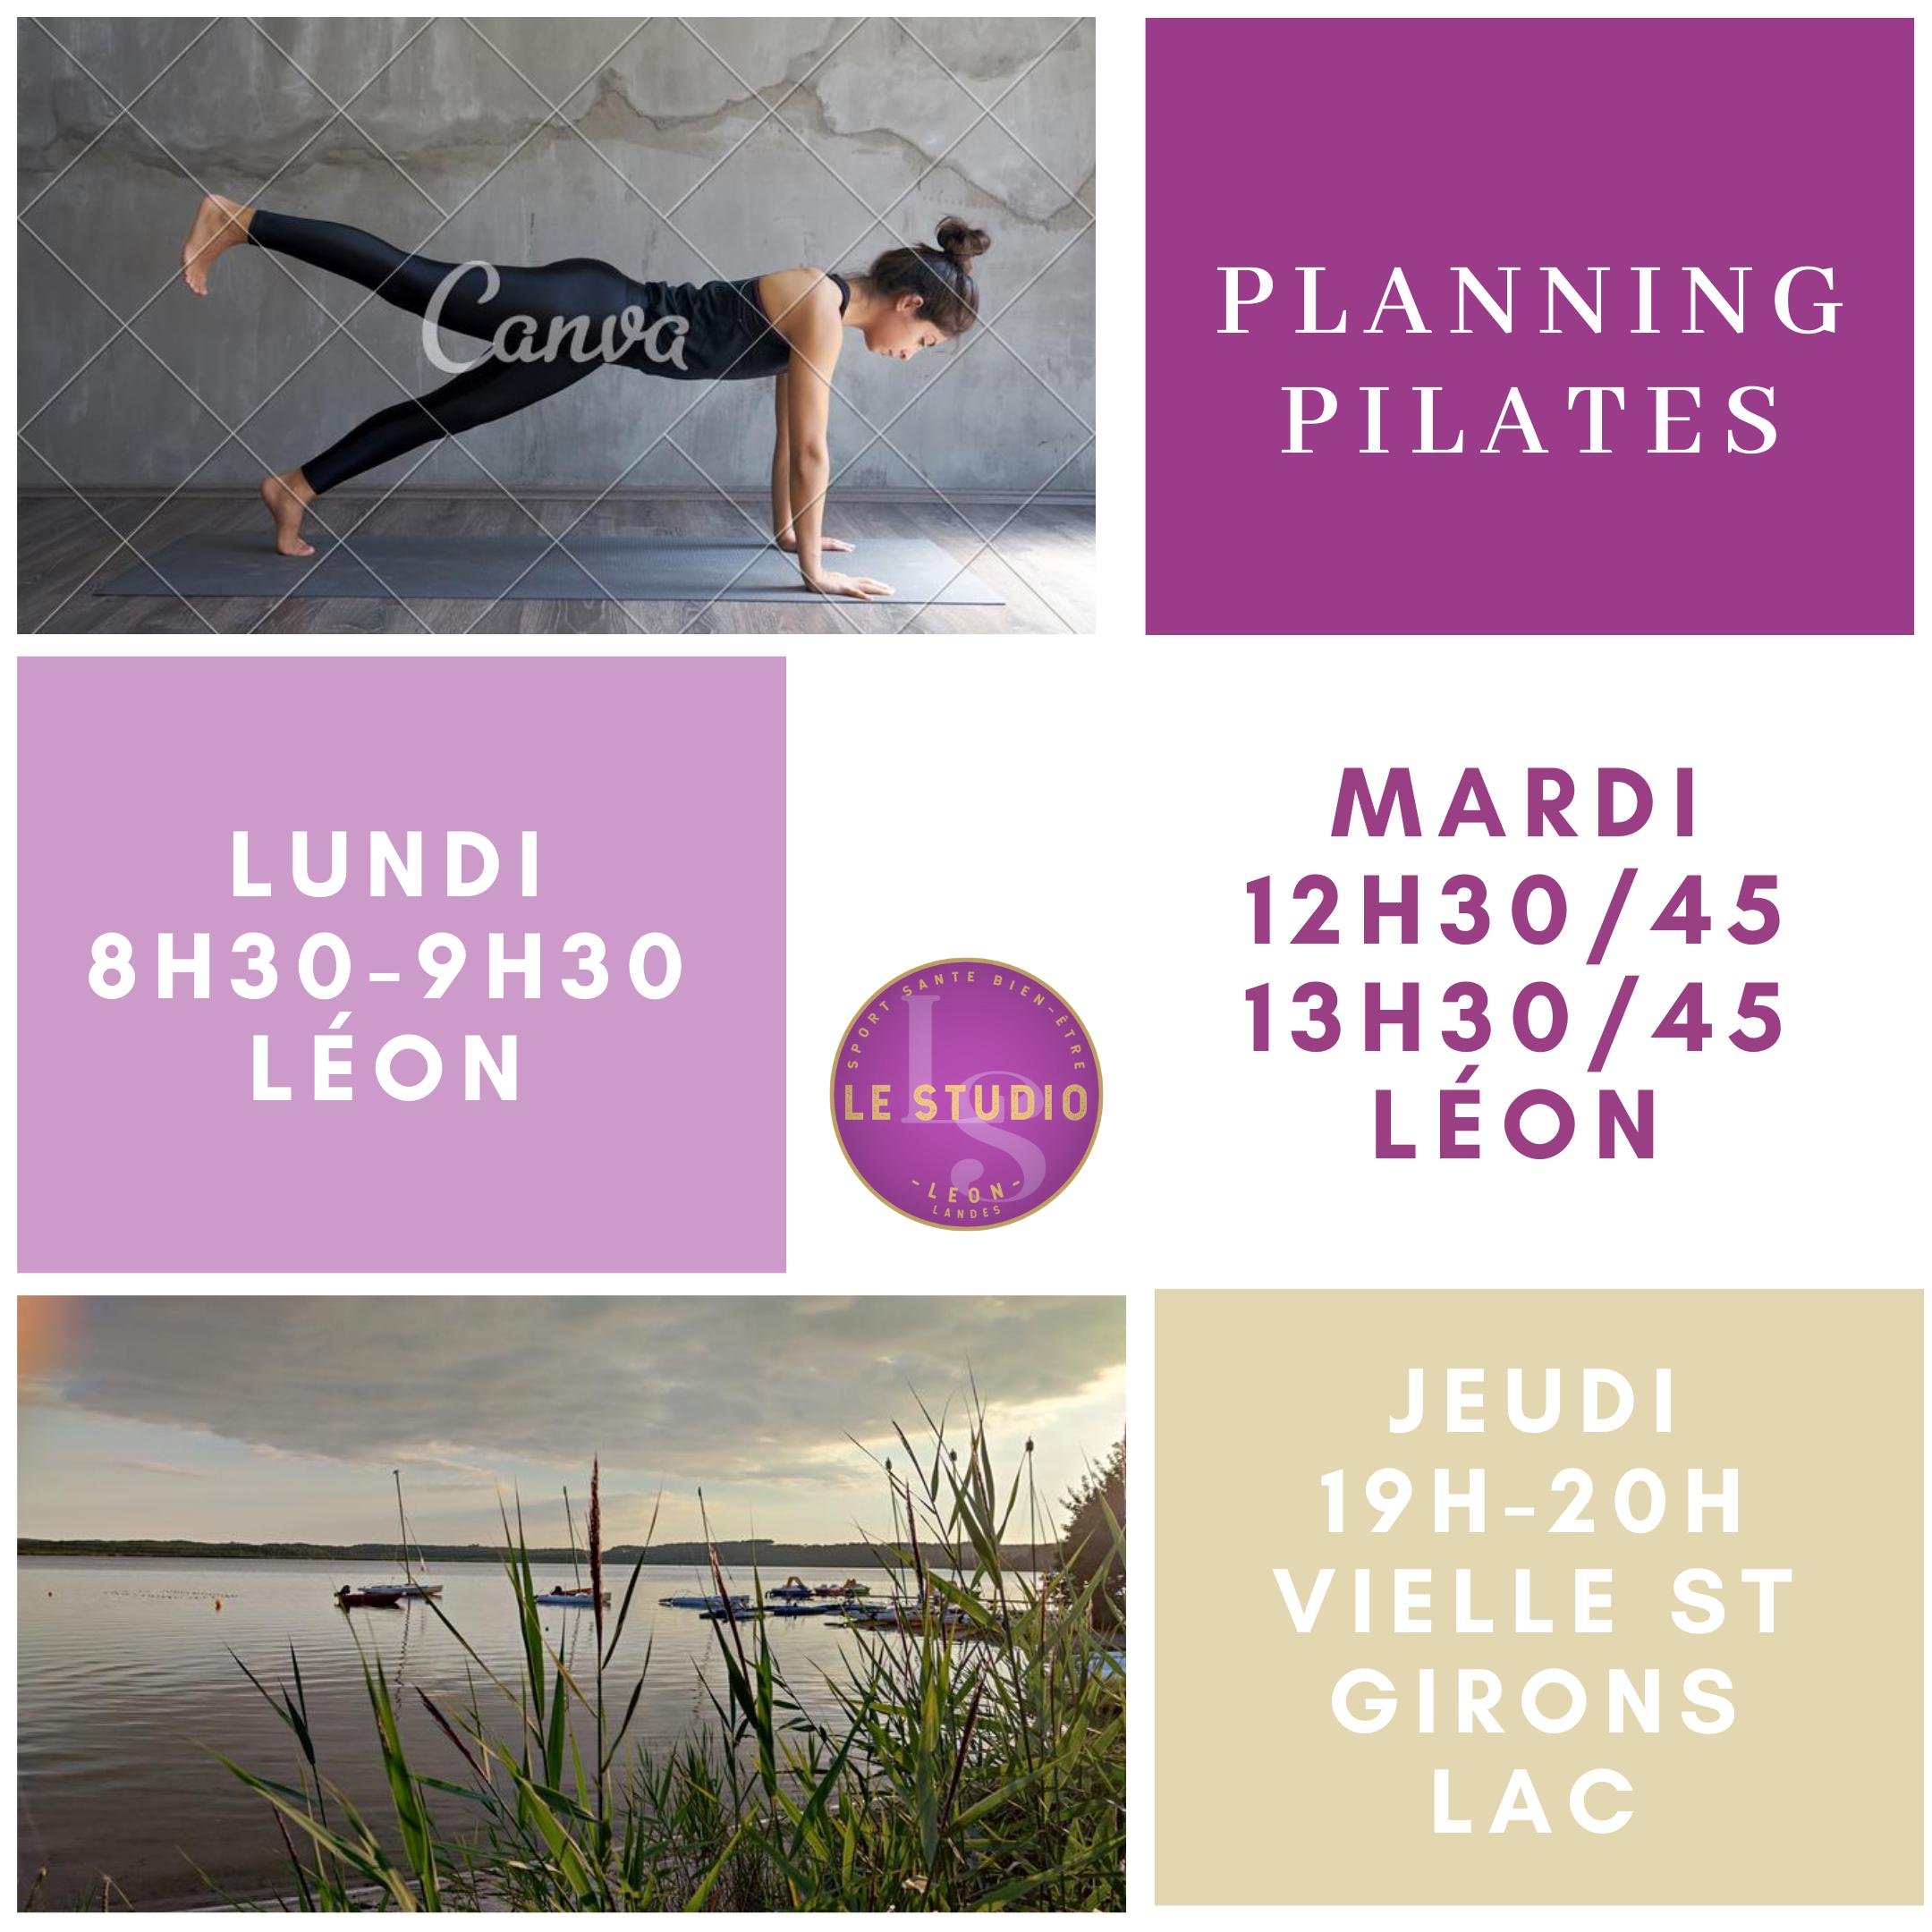 pilates planning ete 2020 a leon , vielle st girons cours de pilates